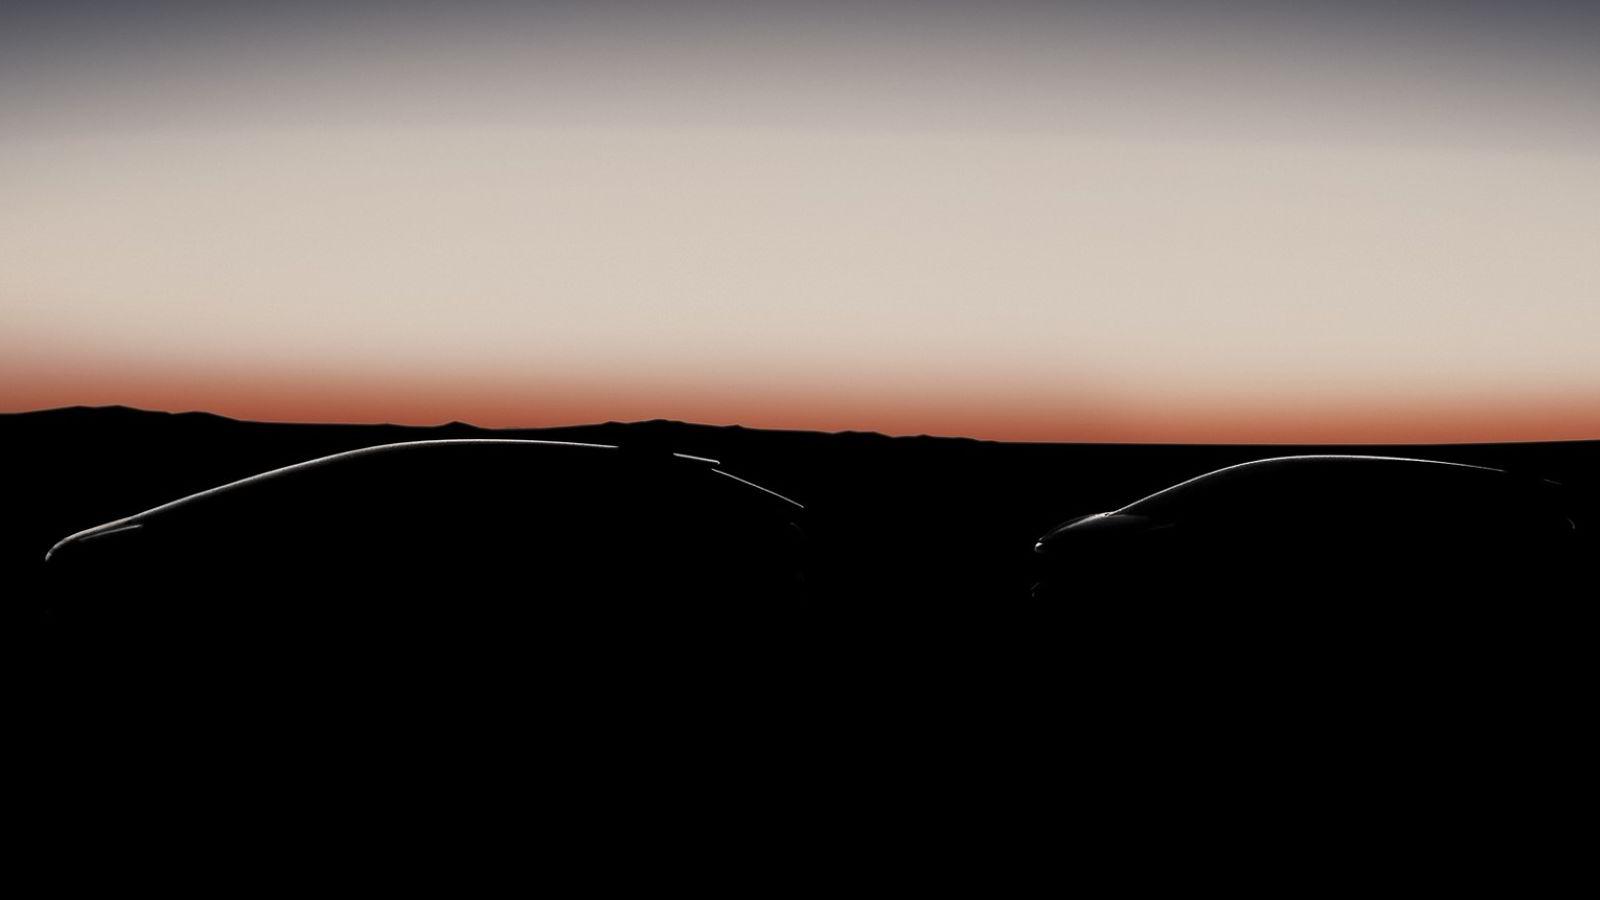 Det finnes ennå ingen bilder av den første planlagte bilen fra Faraday Future. Fotoillustrasjon: Faraday Future.